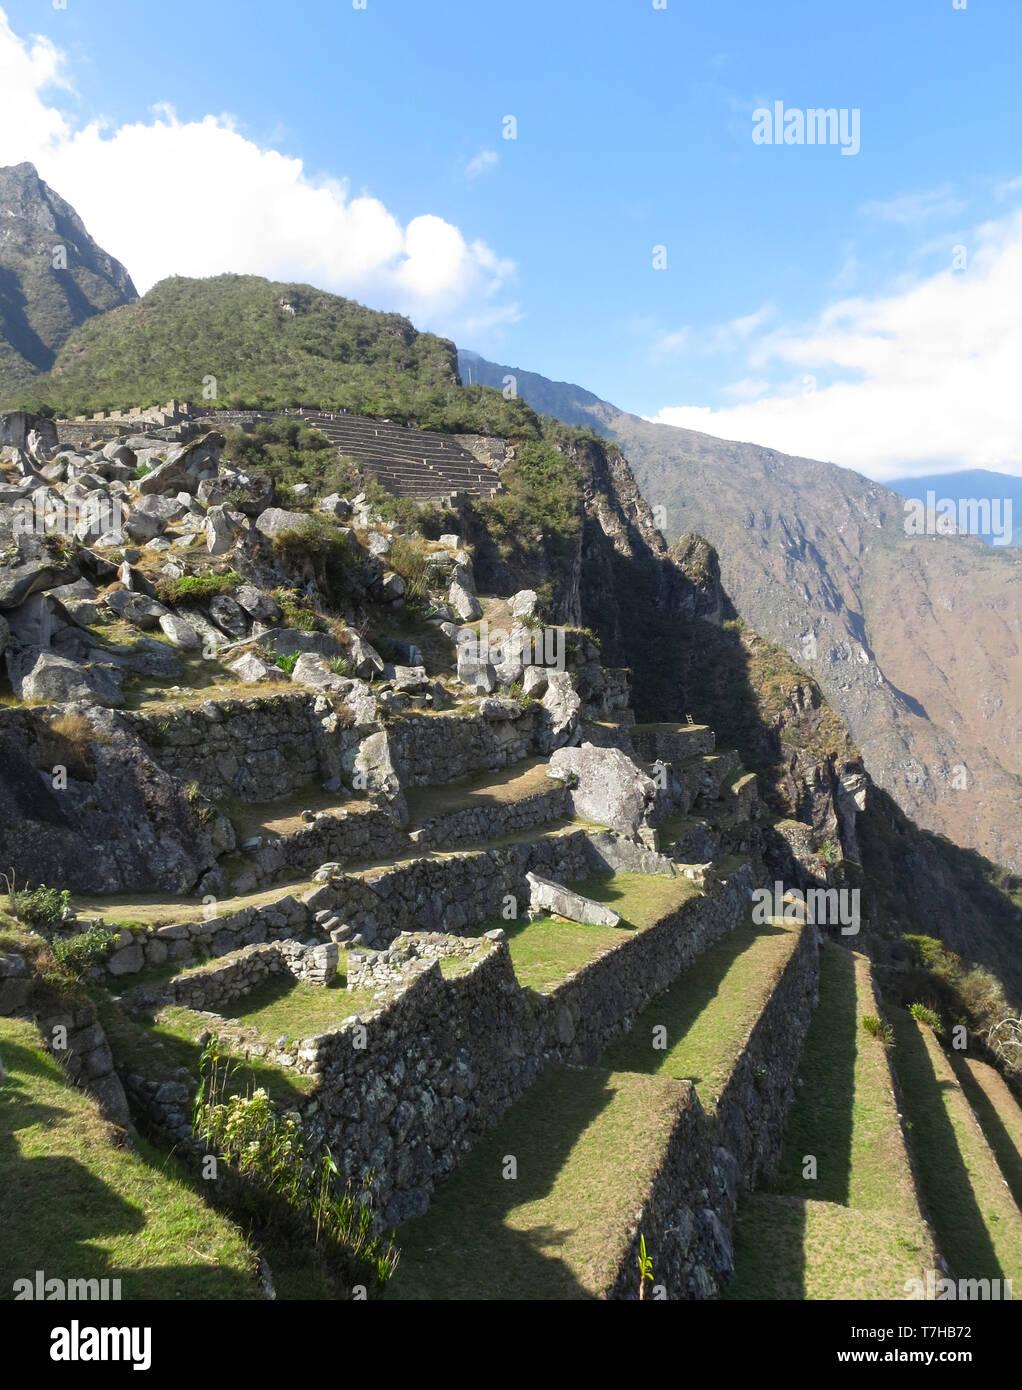 Tierras De Cultivo En Terrazas De Machu Picchu En La Región